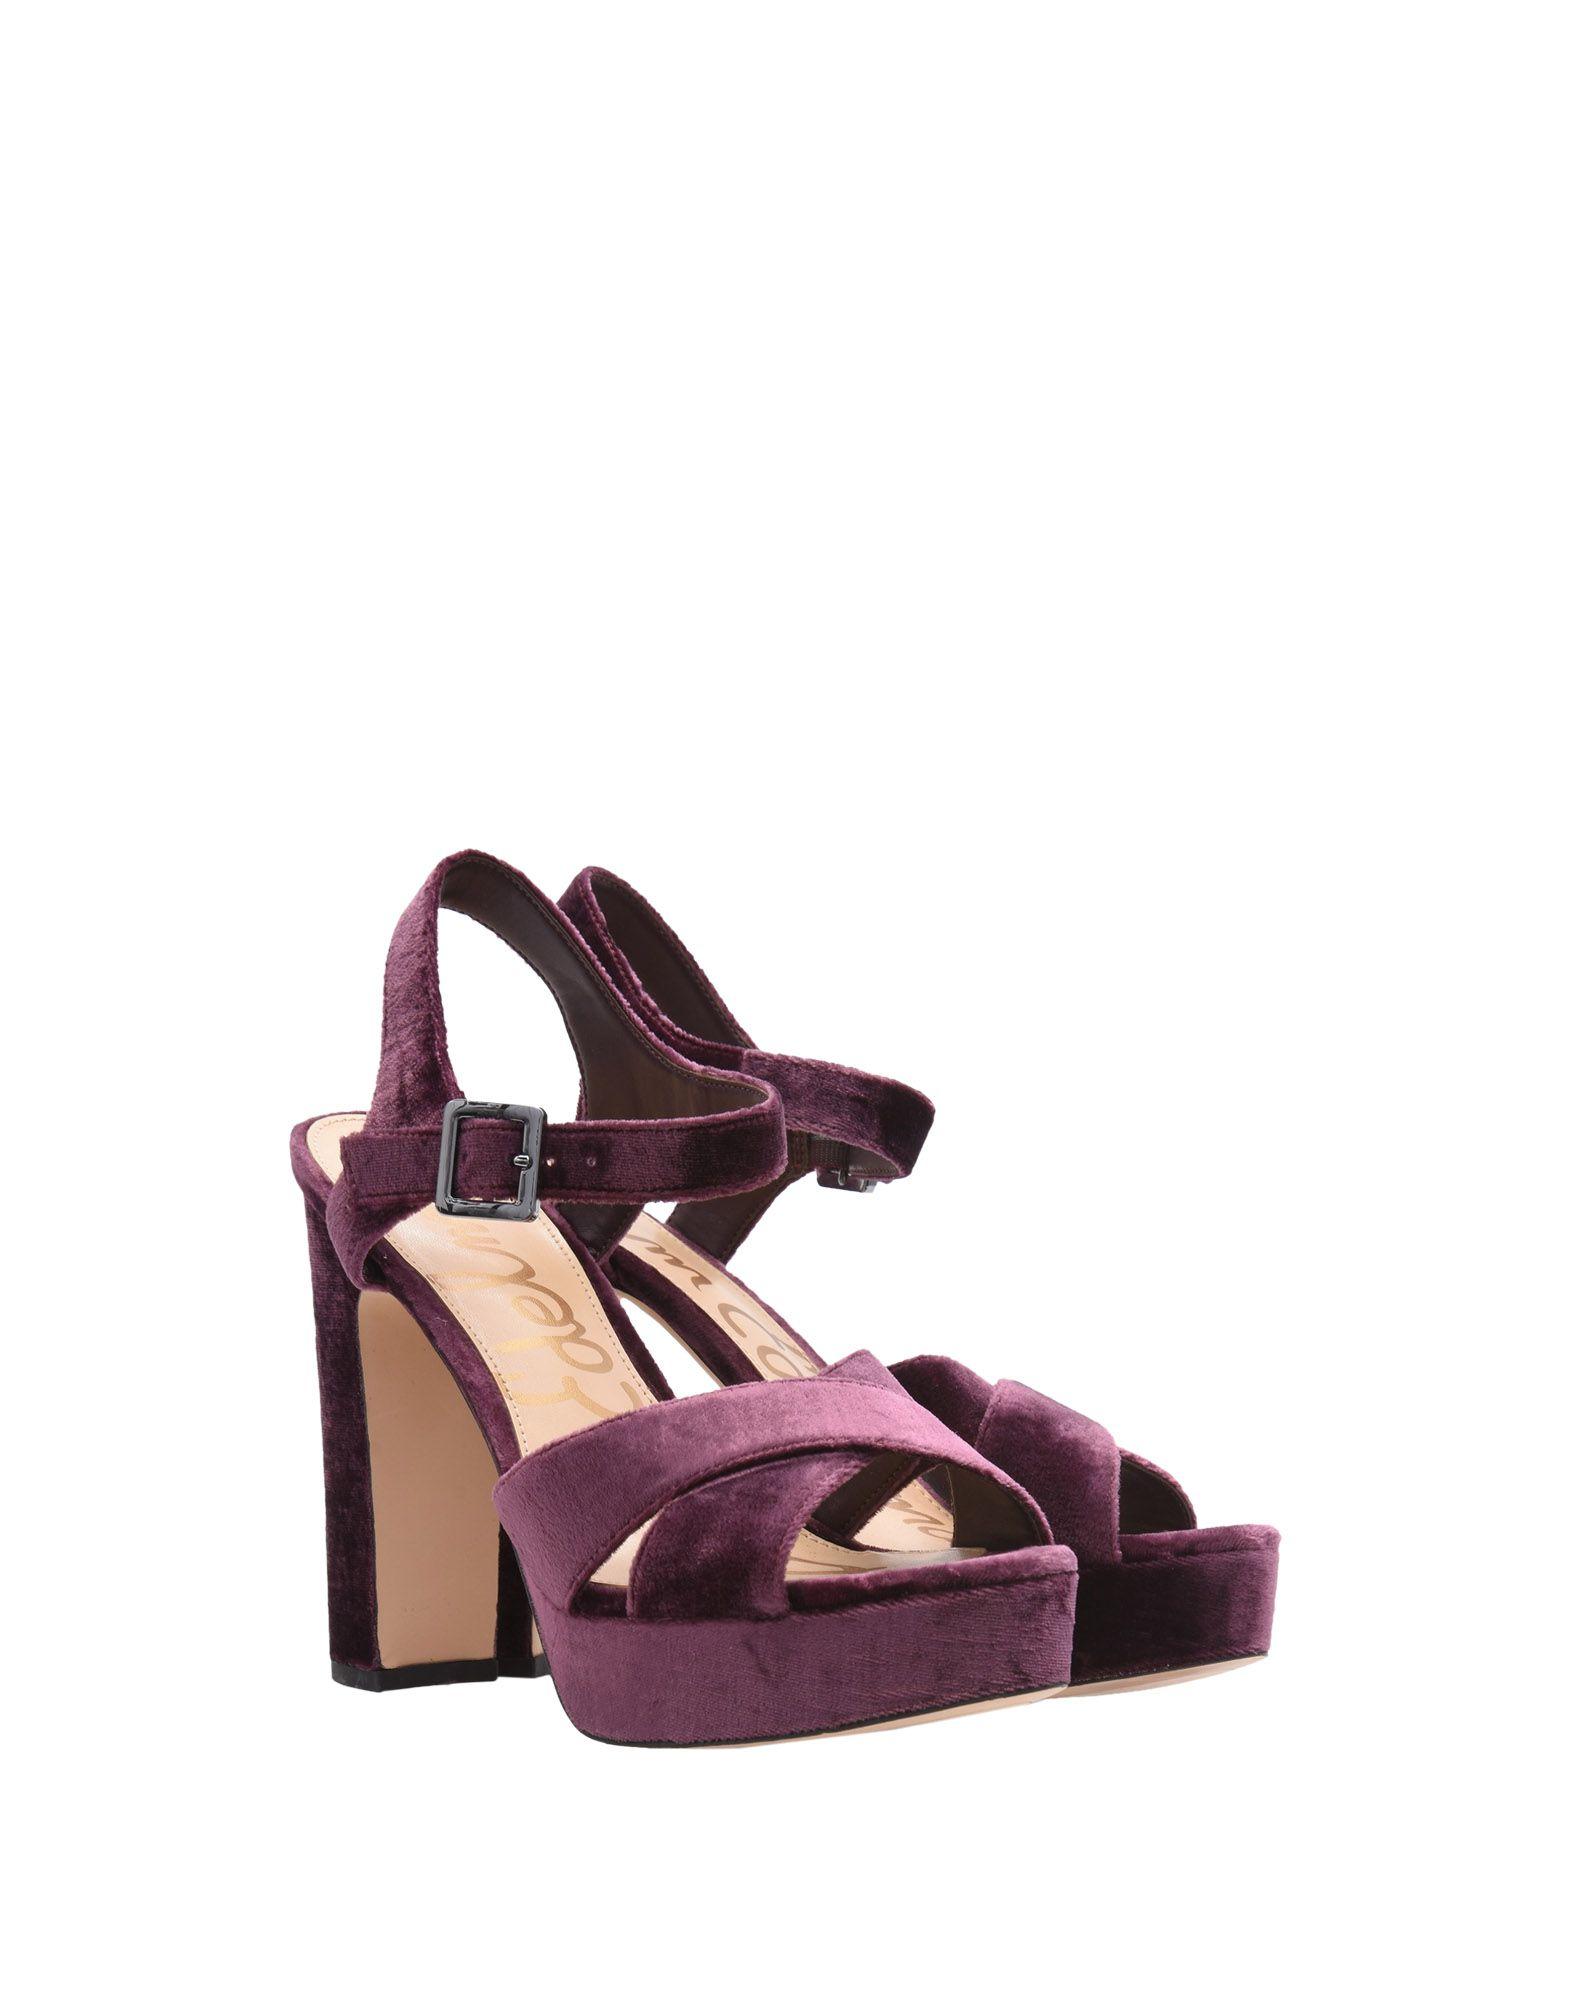 sam edelman sandales - femmes sam edelman sandales 11479312gs en ligne le royaume - uni - 11479312gs sandales c83371